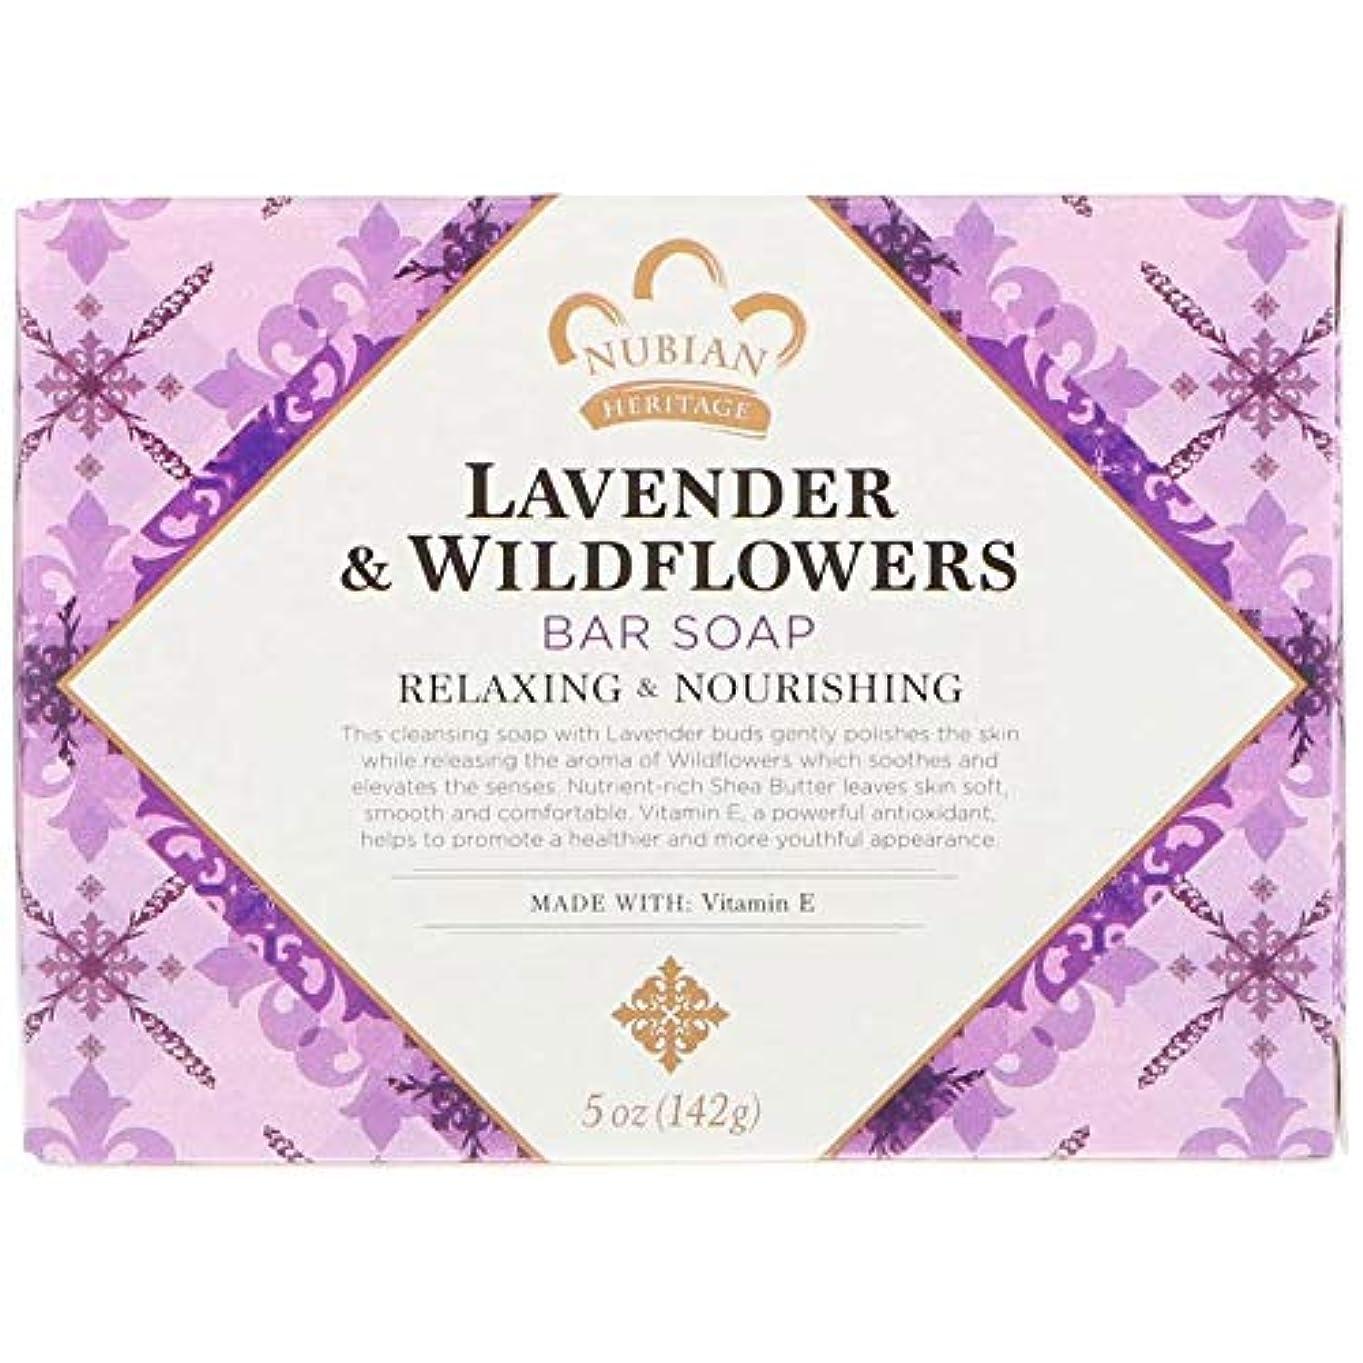 私達銀ヘッジシアバターソープ石鹸 ラベンダー&ワイルドフラワー Lavender & Wildflowers Bar Soap, 5 oz (142 g) [並行輸入品]